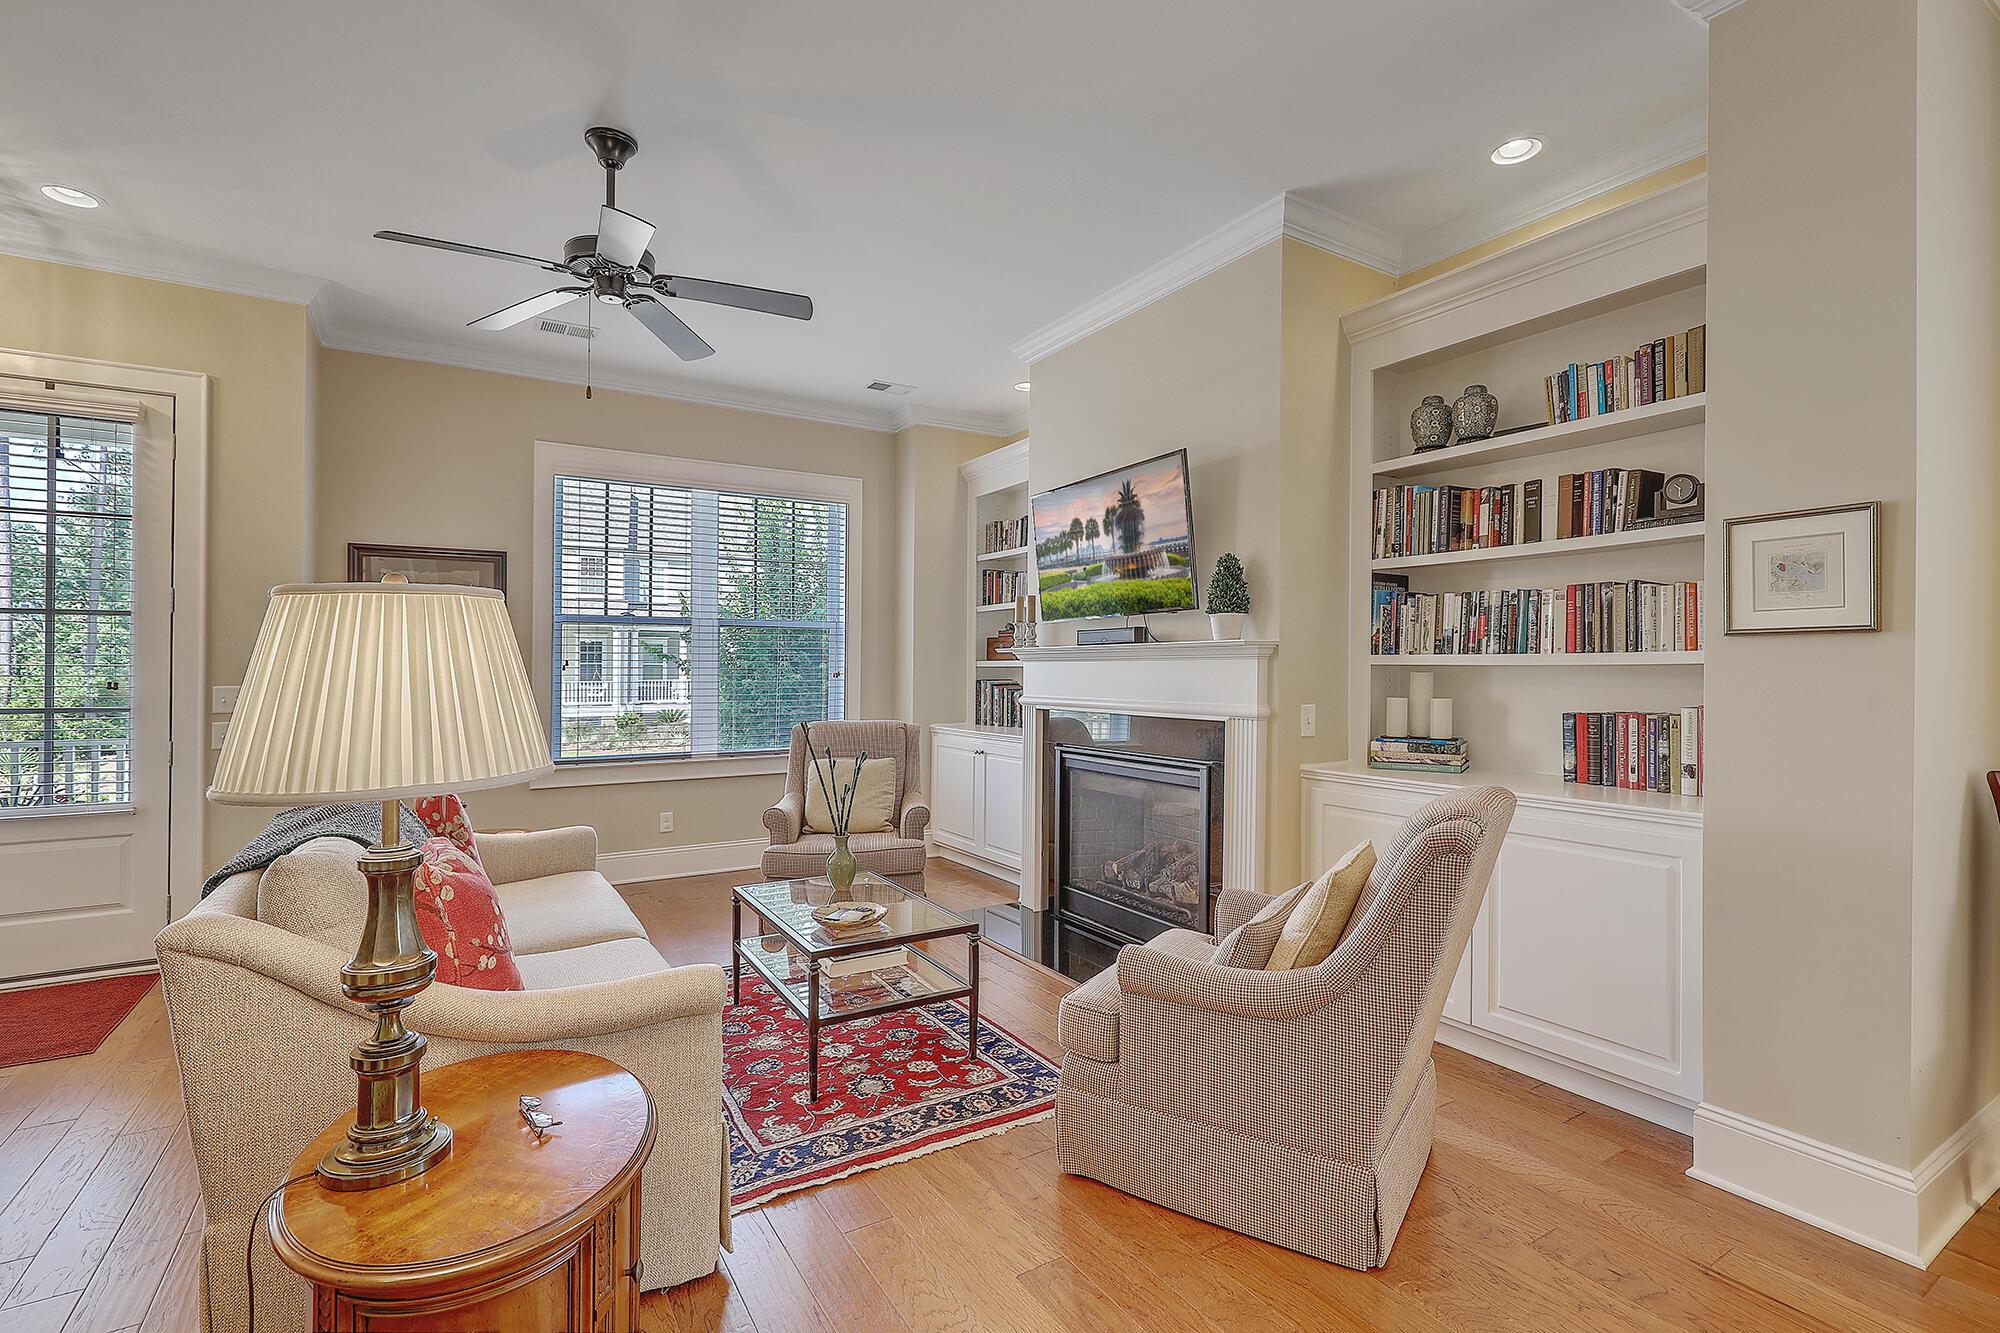 Dunes West Homes For Sale - 3171 Sturbridge, Mount Pleasant, SC - 2